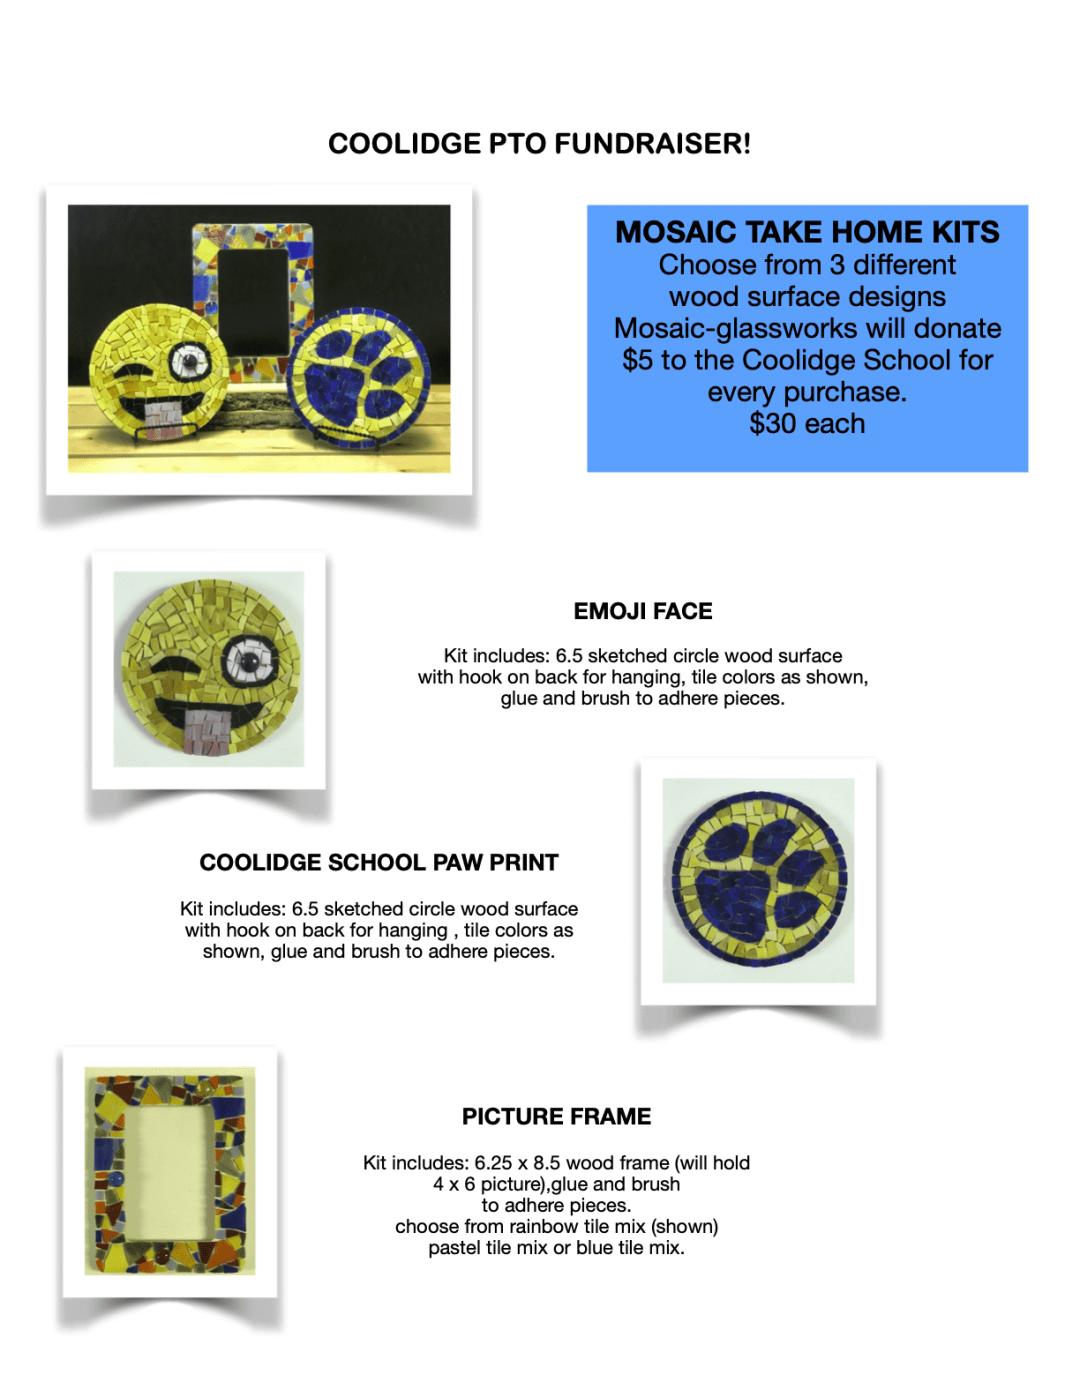 Mosaic Take HomKit Fundraiser